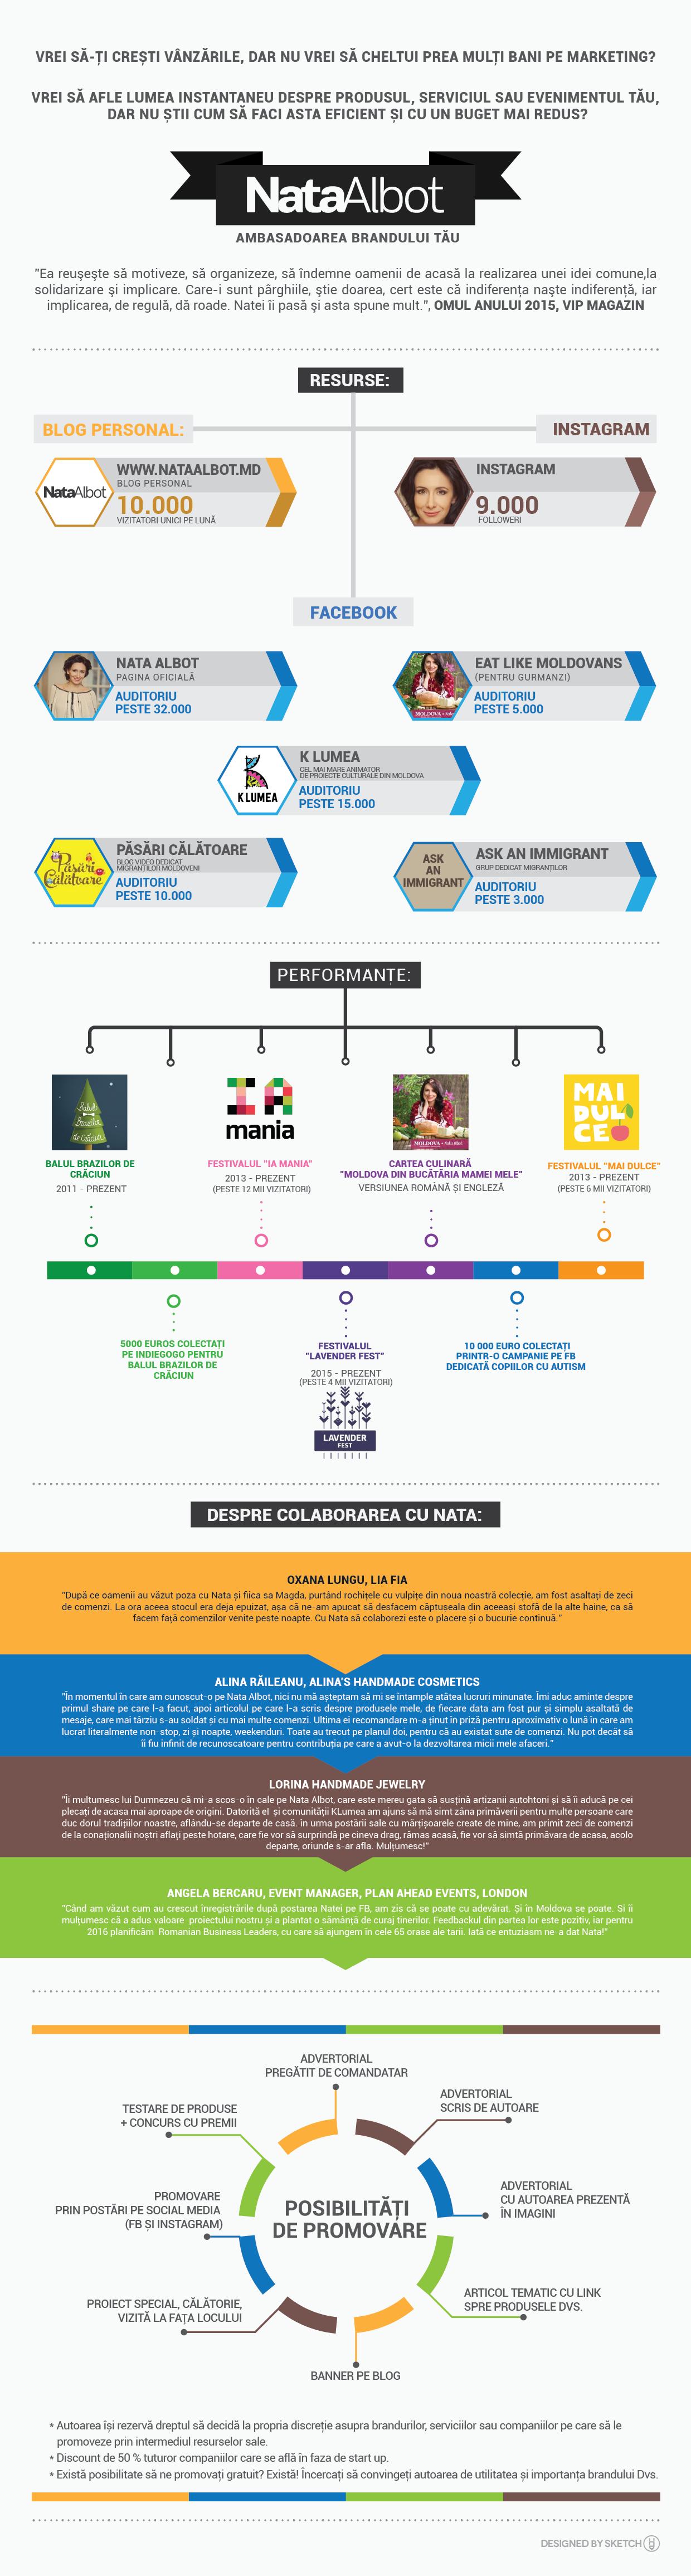 infografic nata